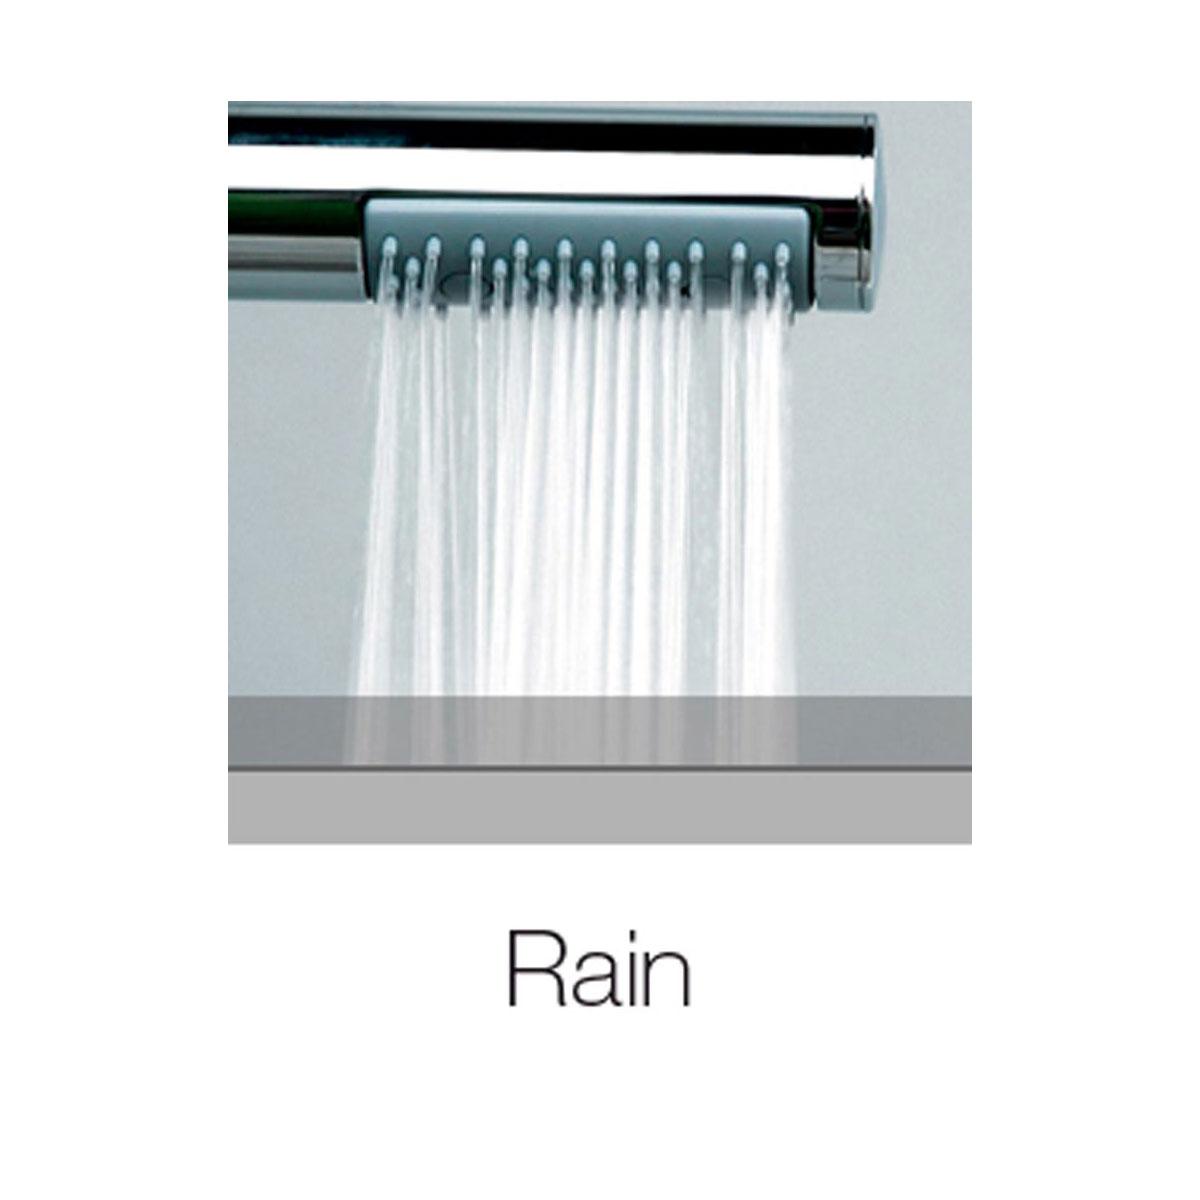 Composizione doccia soffione tondo Ares diametro 300 mm e kit duplex Bossini